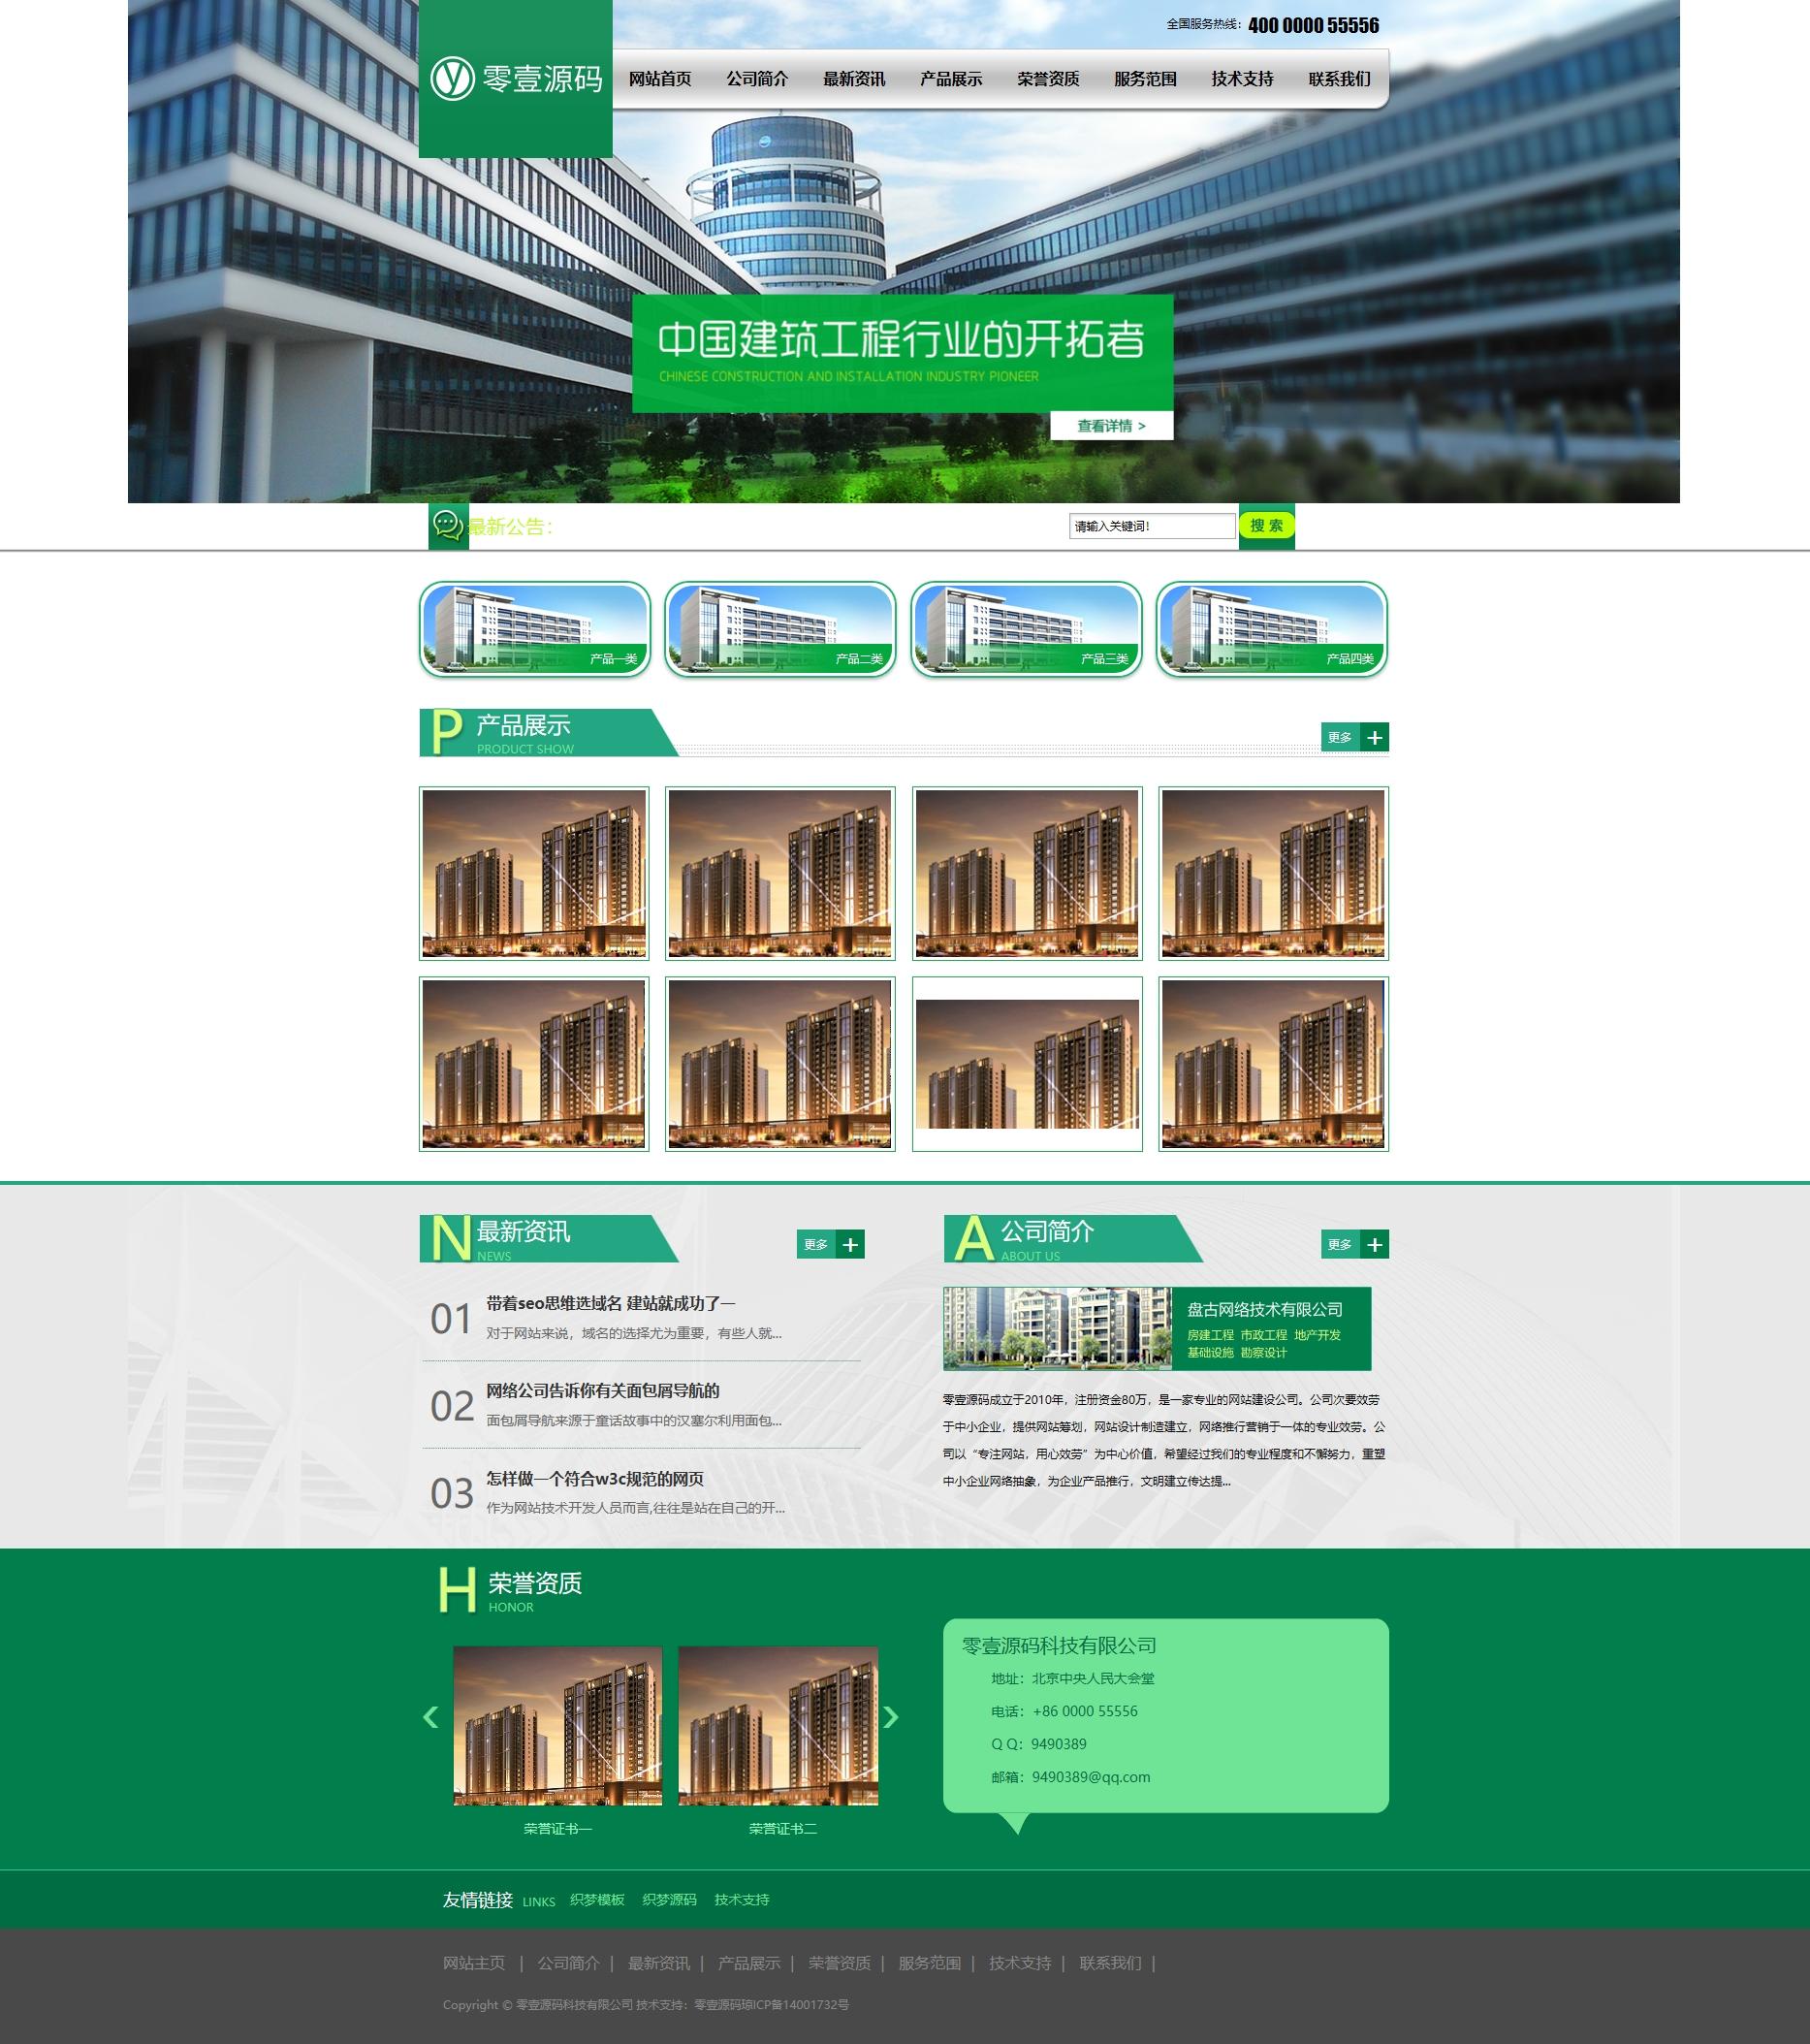 建筑工程类公司企业网站织梦dedecms模板